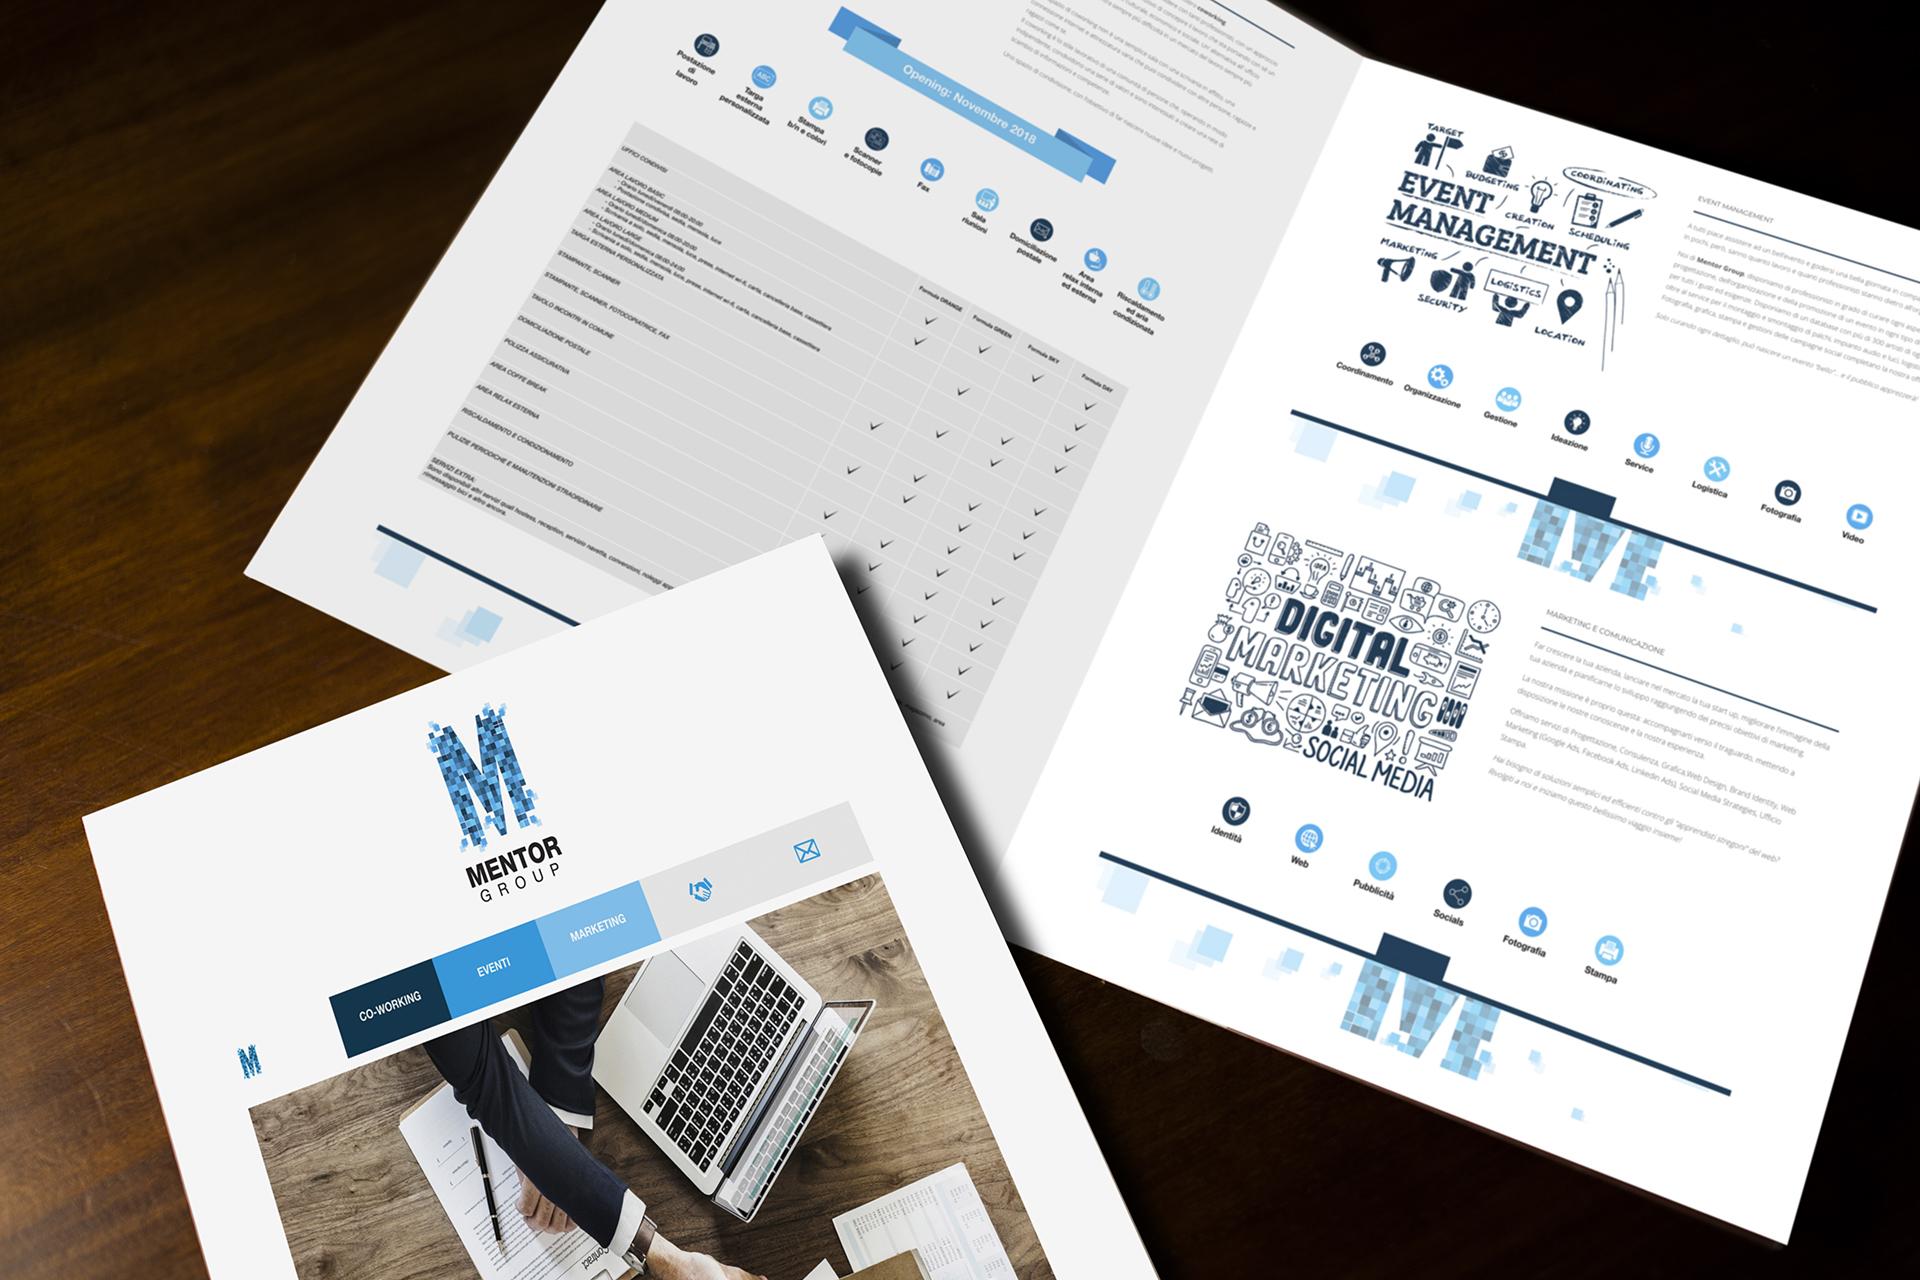 onafez design mentor group logo depliant